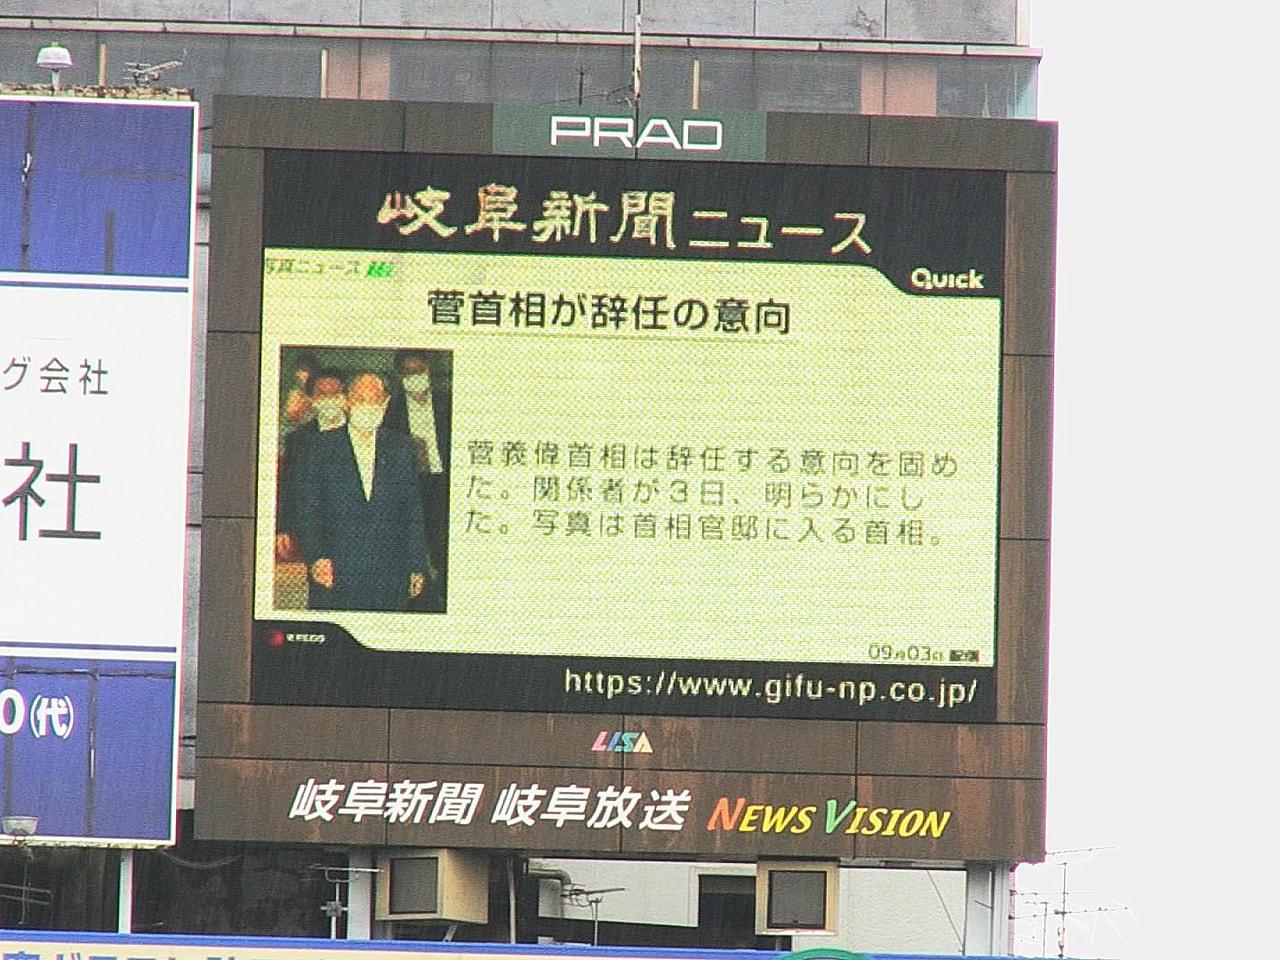 菅総理大臣は3日、辞任する意向を固めました。 総理官邸で記者団に、9月行われる自...